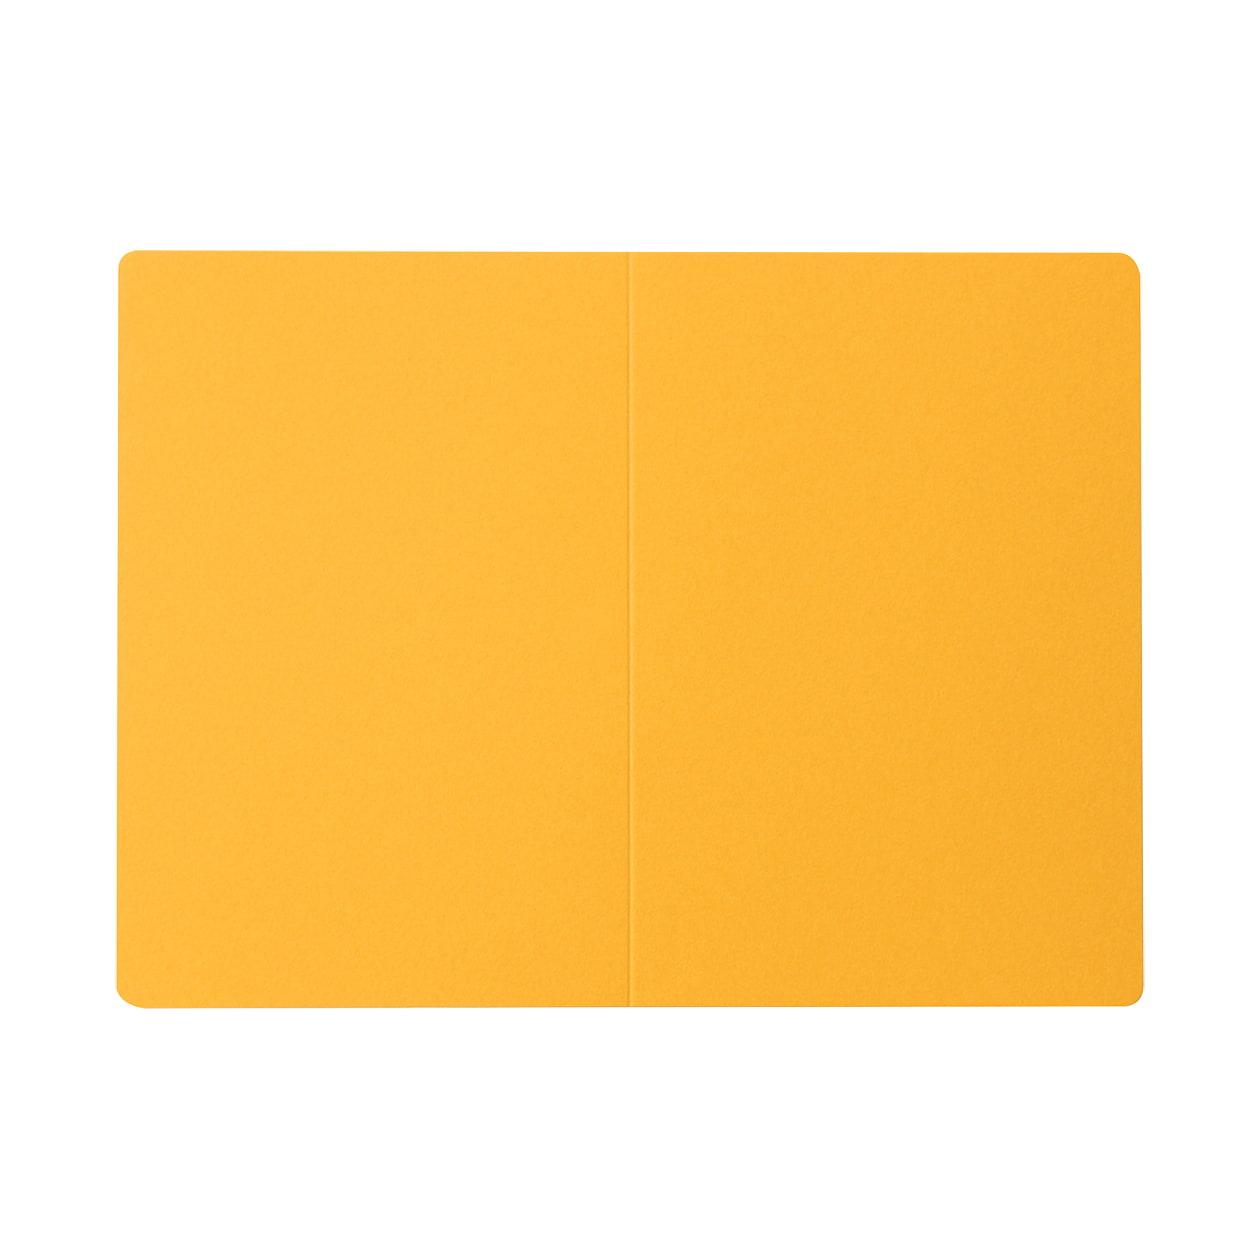 #53VカードR コットン(NTラシャ) 山吹 151.2g